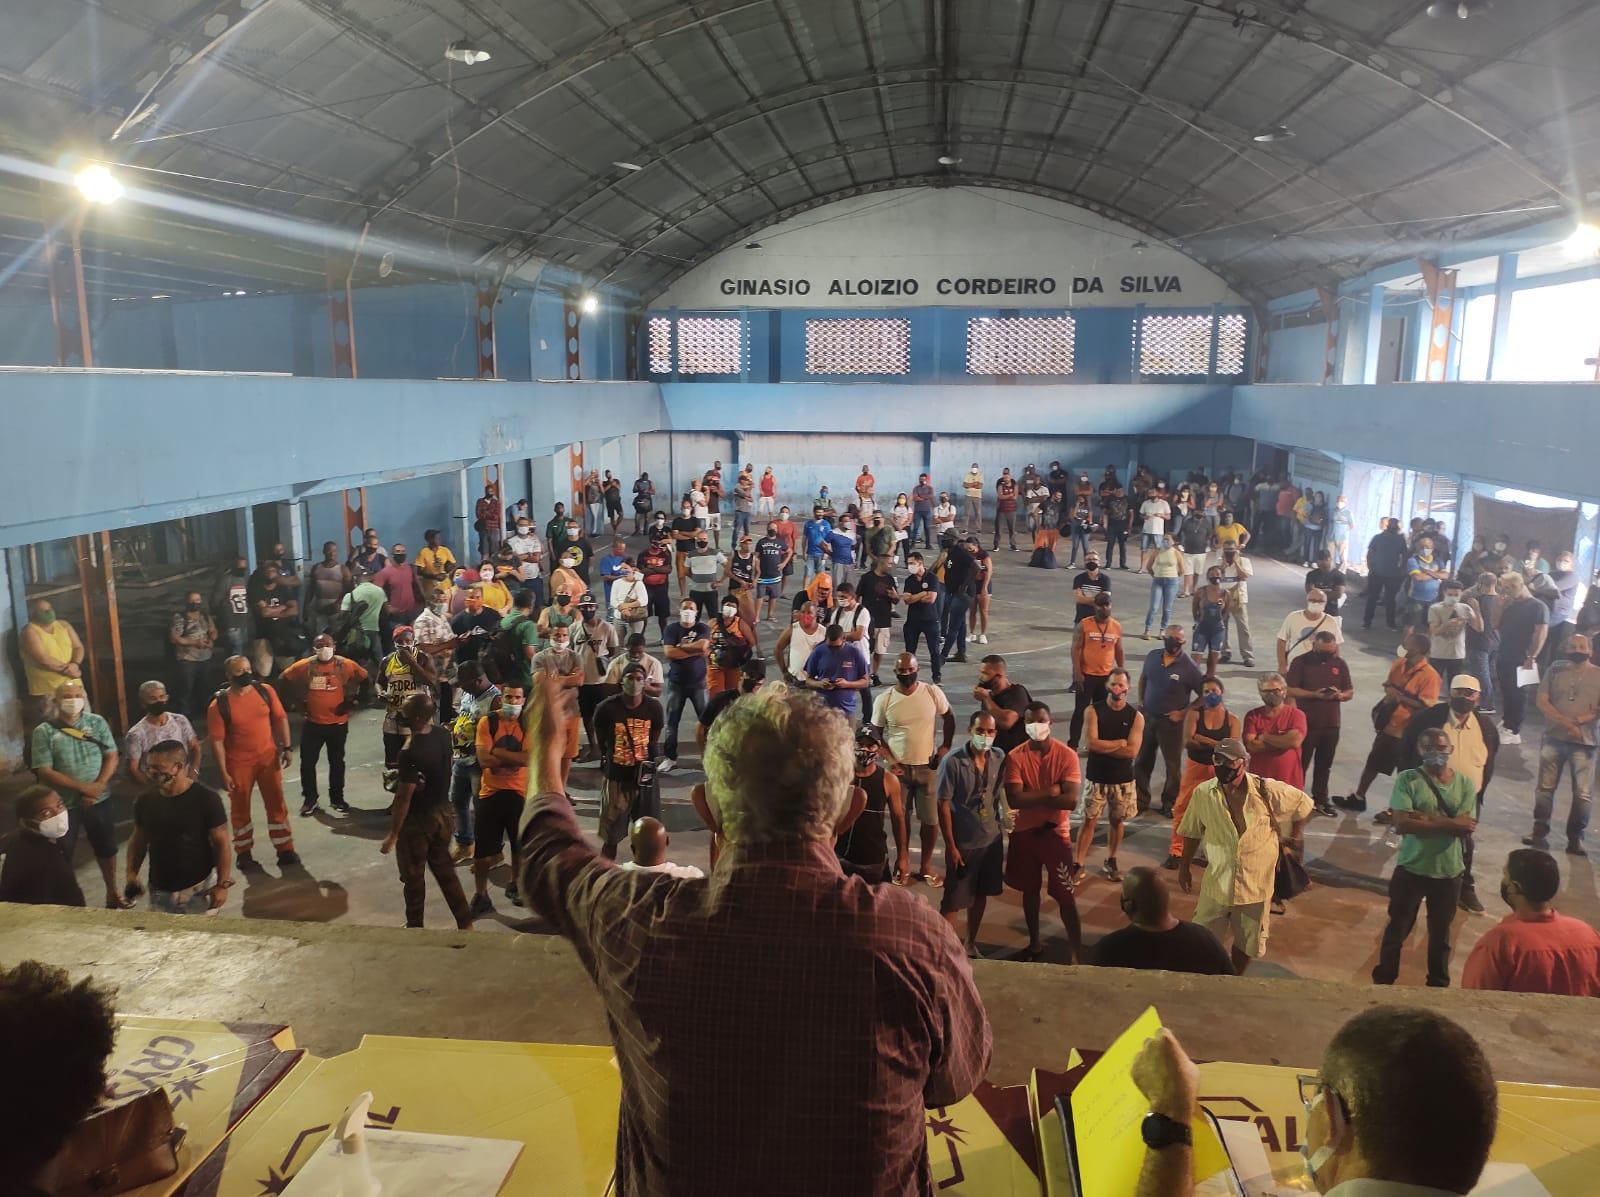 ASSEMBLEIA DECIDE CONTINUAR NEGOCIACAO COM A COMLURB 03